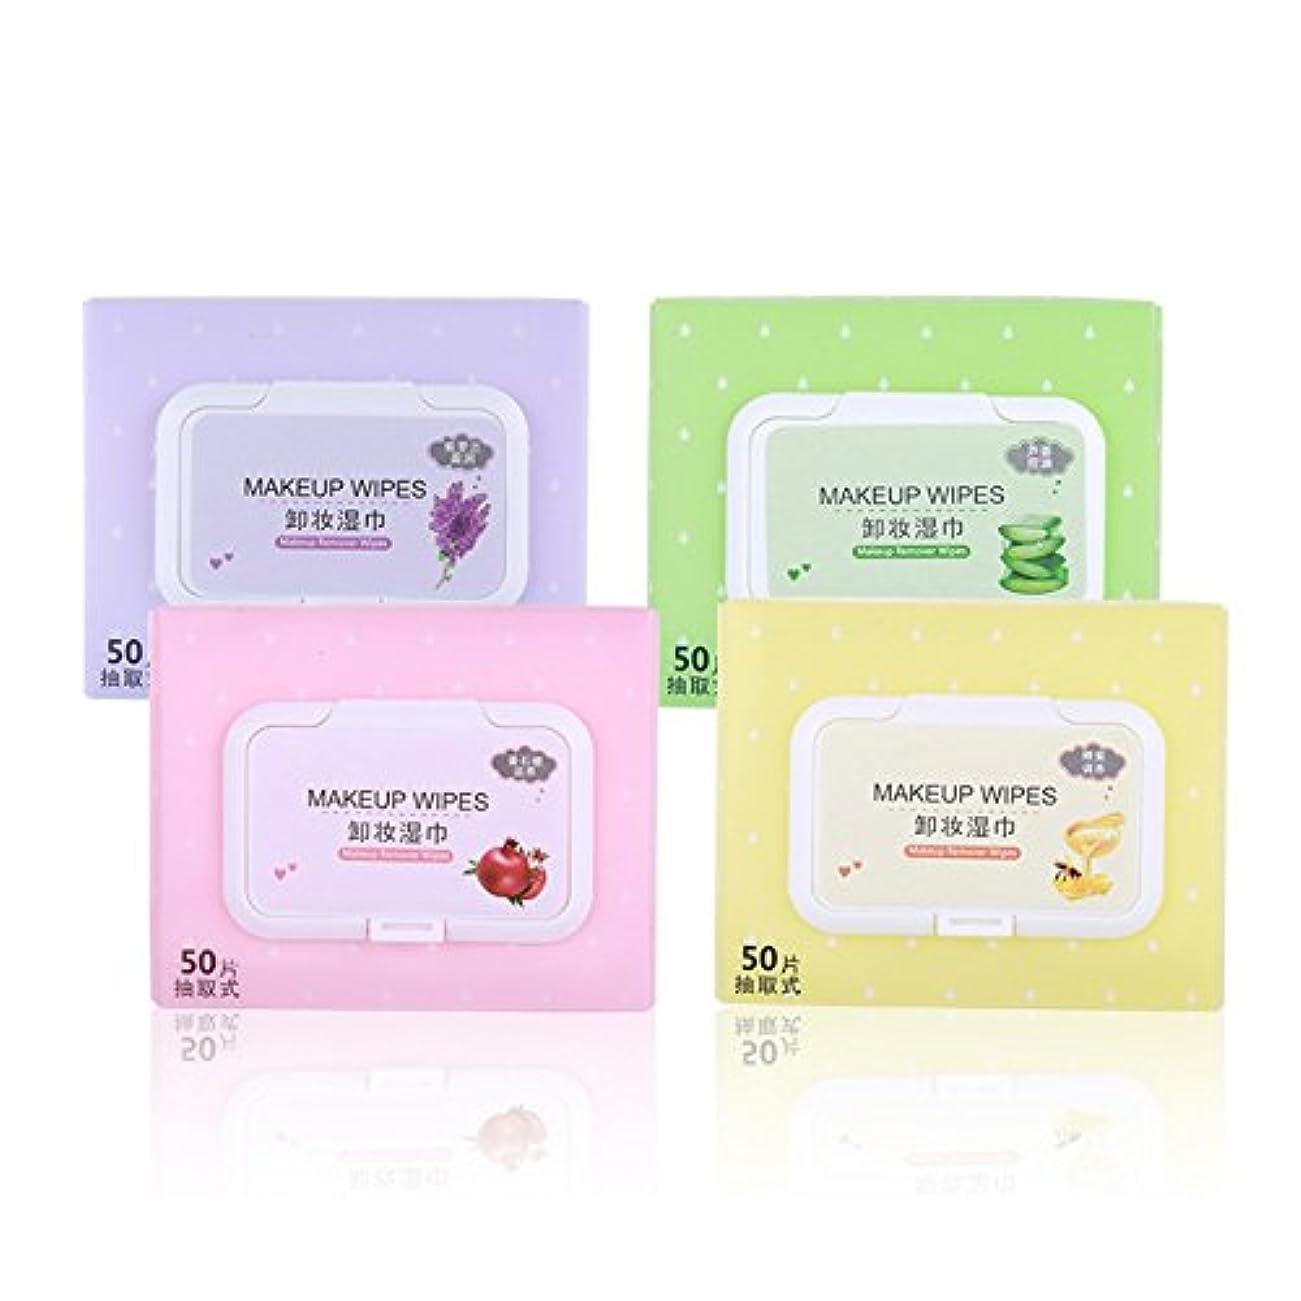 ネブ暗黙カテナ50 pcs/pack Beauty Non-Woven Fabric Makeup Remover Wipes Four Kinds Scent Comfortable Face Makeup Remover Pads...